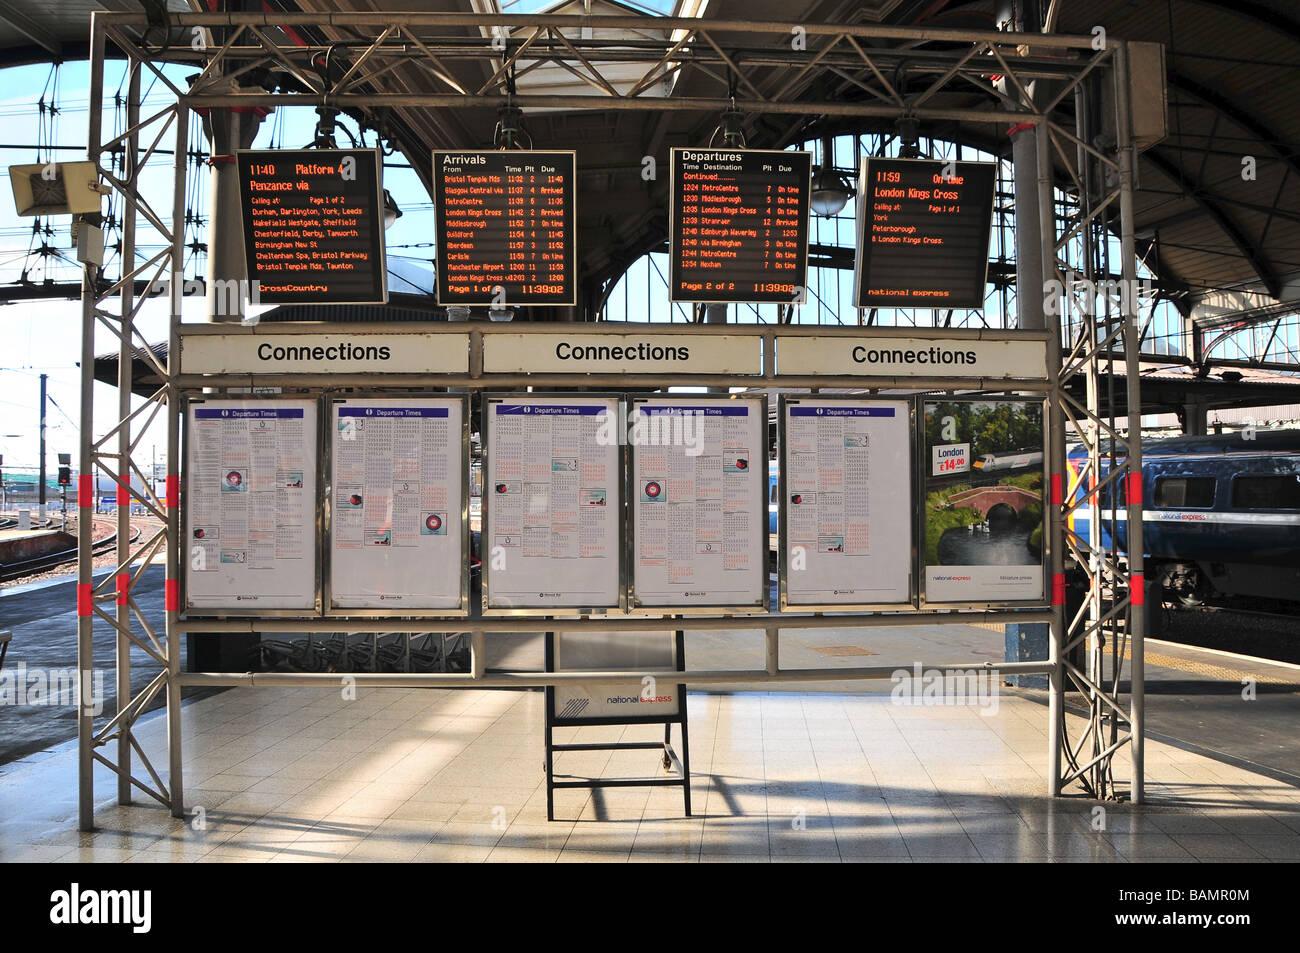 Ankünfte und Abflüge zeigt, Hauptbahnhof Newcastle, England Stockbild